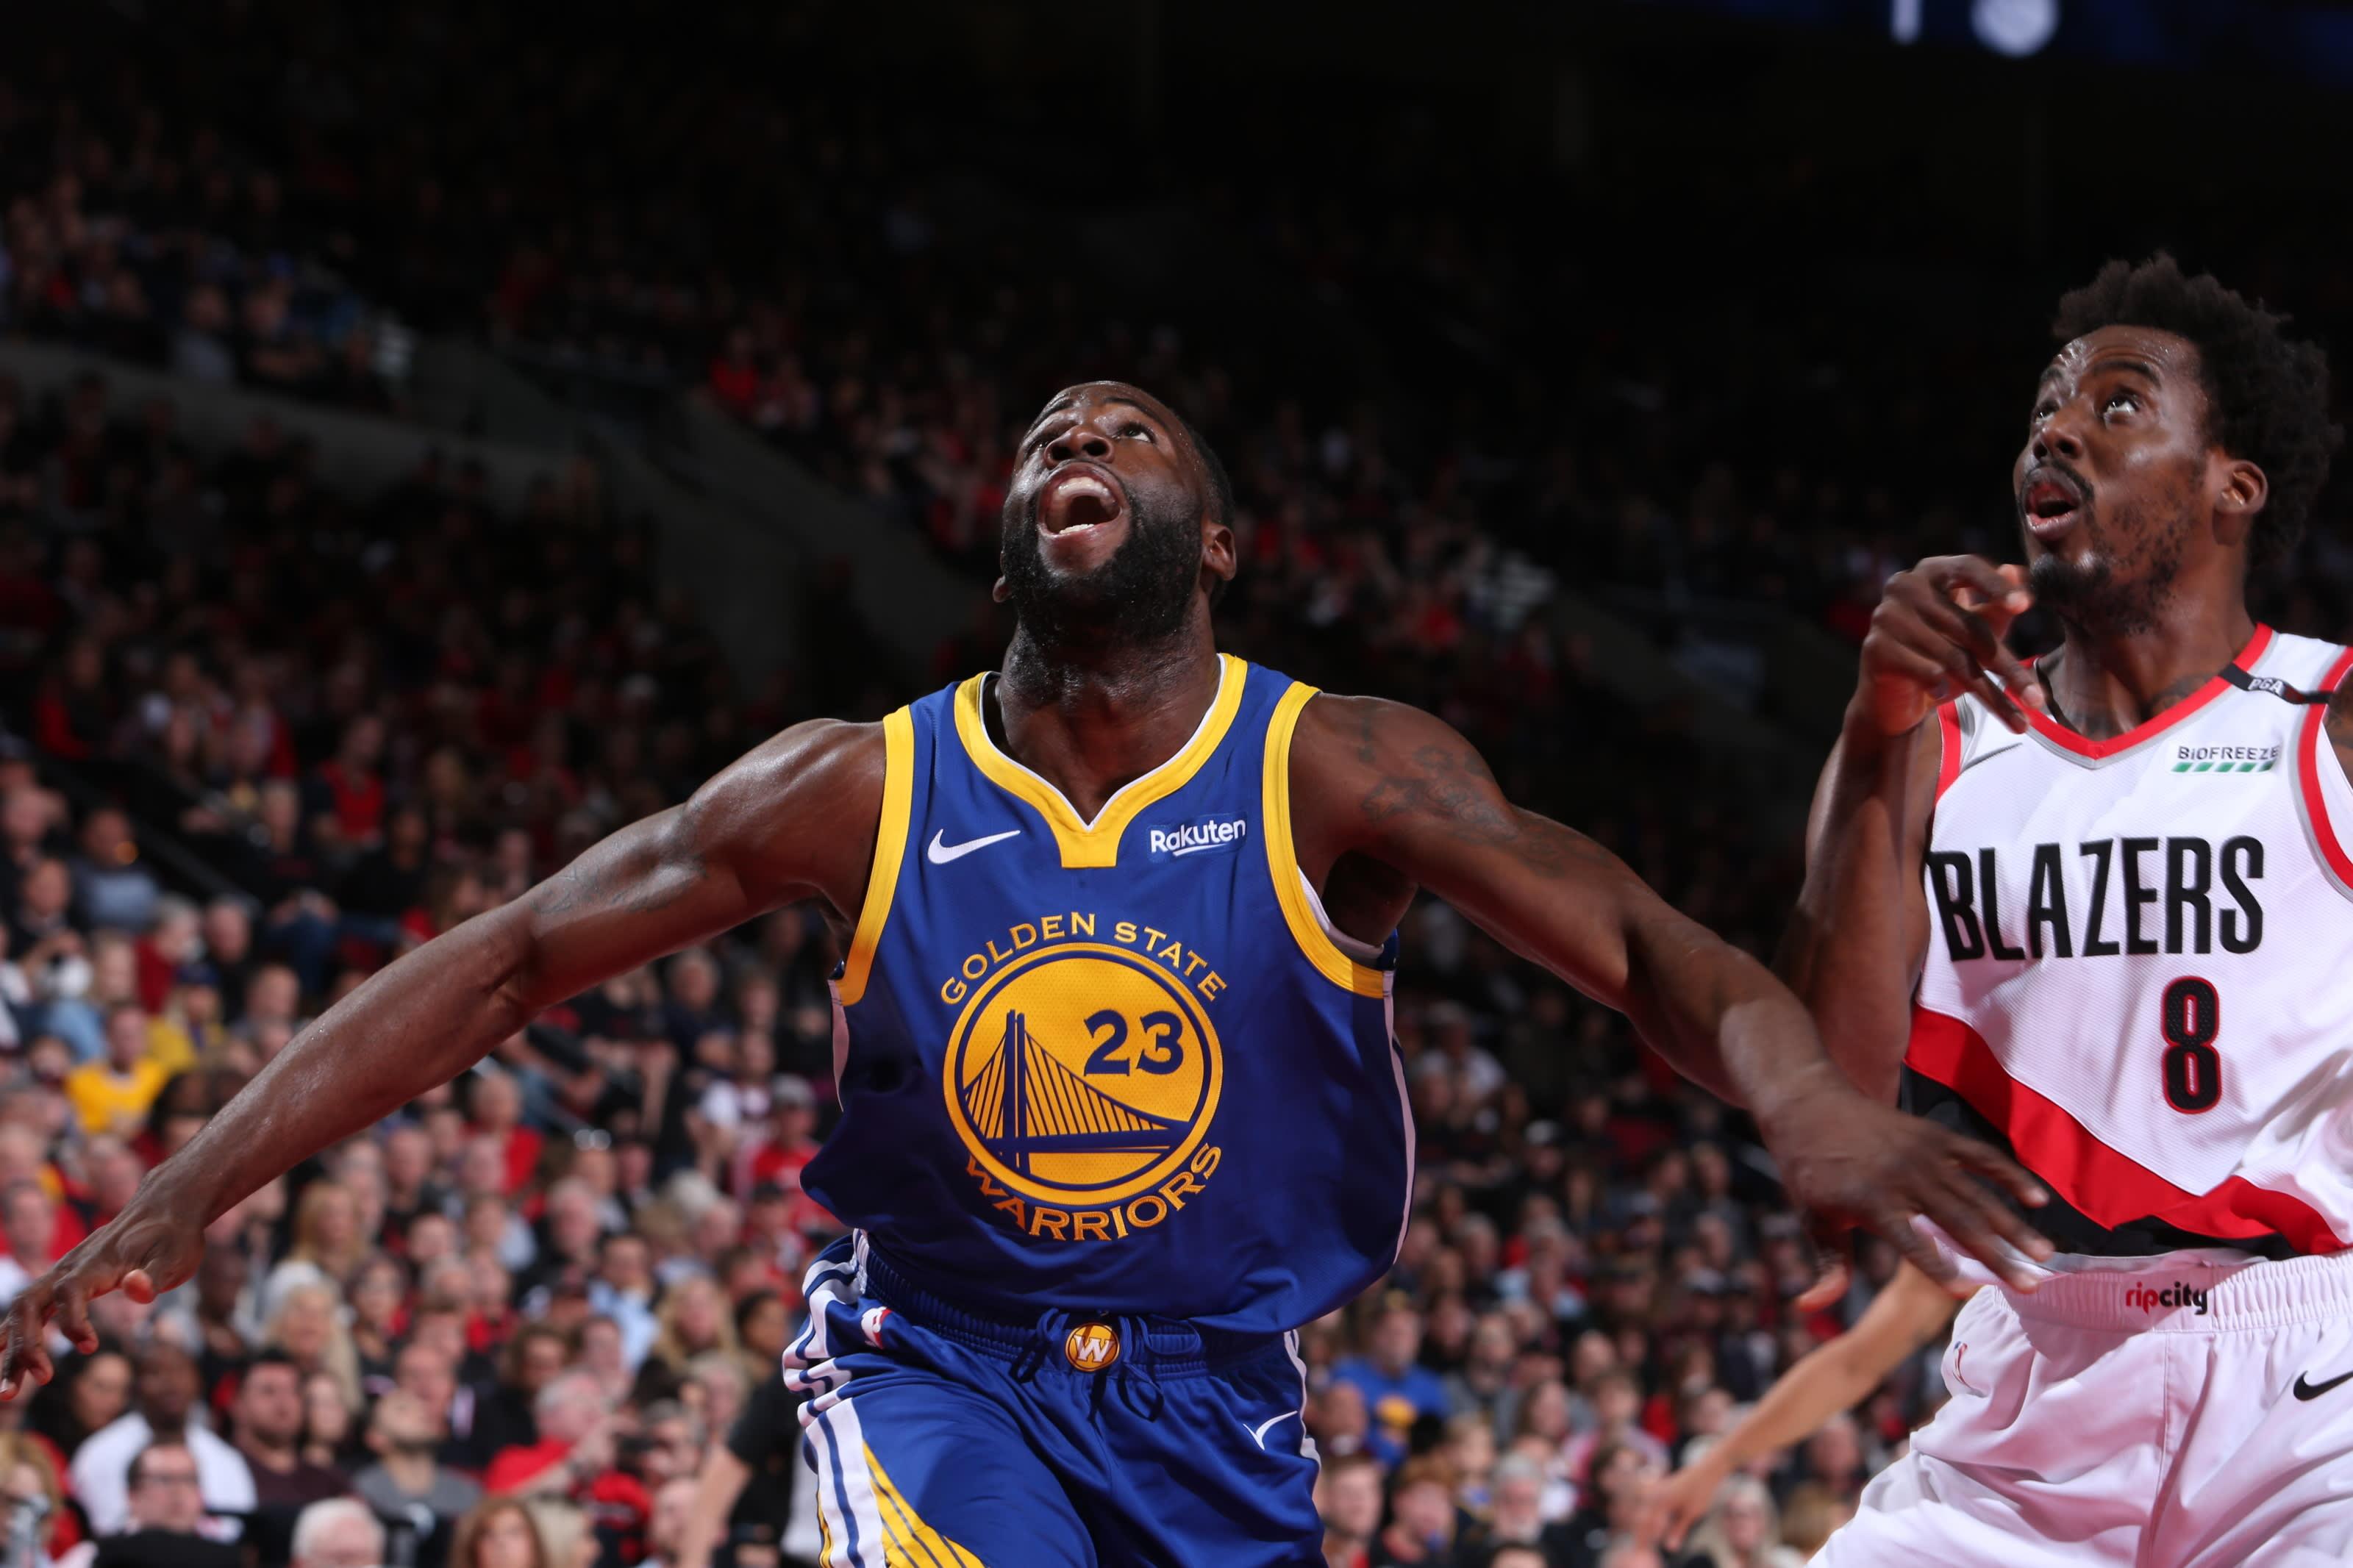 Draymond Green, Golden State Warriors